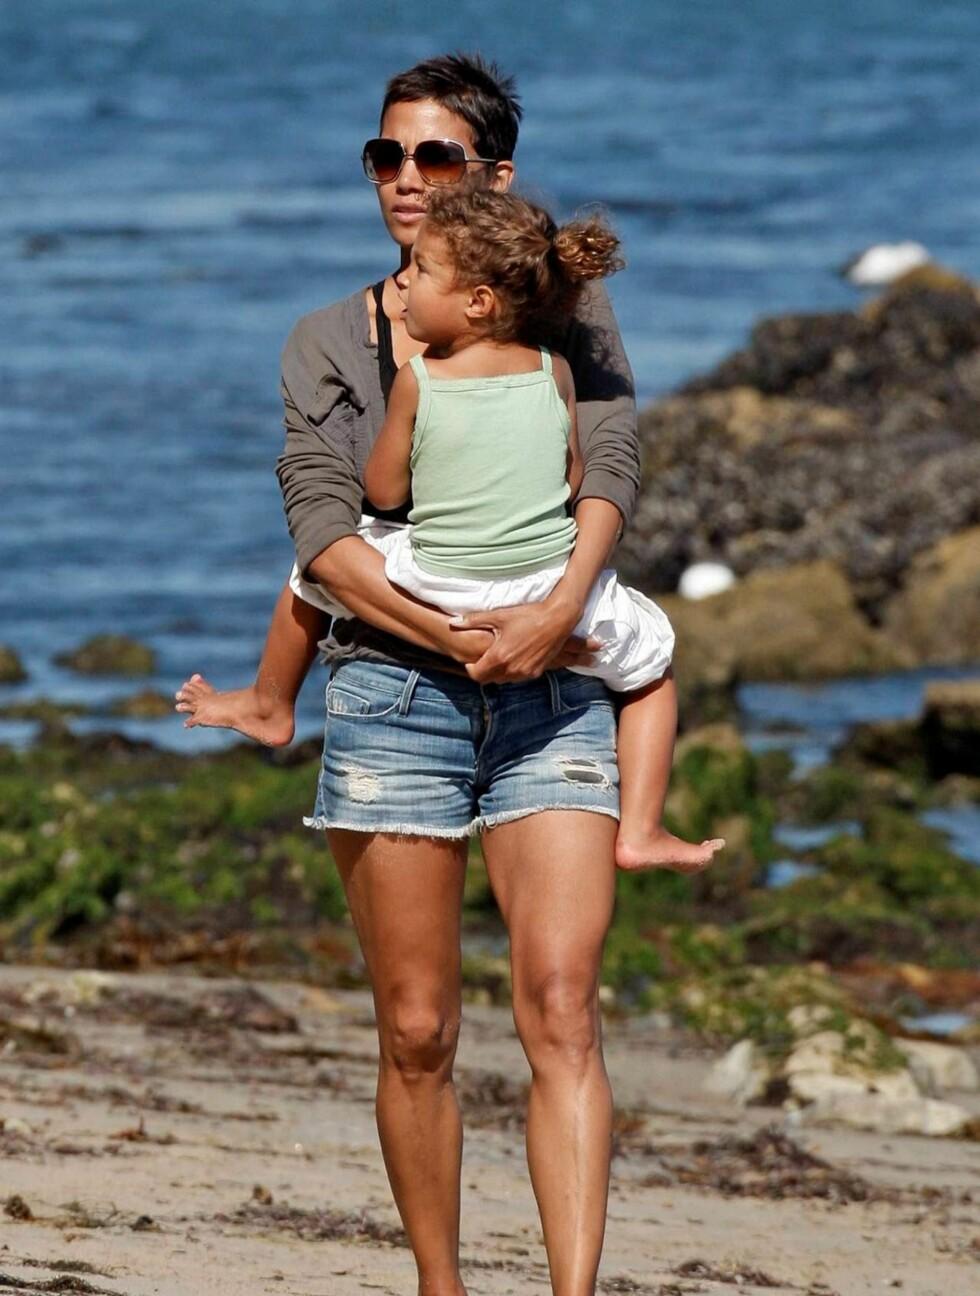 <strong>STRANDKOS:</strong> Halle Berry og datteren Nahla (3) koste seg på stranden i Malibu, California.  Foto: All Over Press